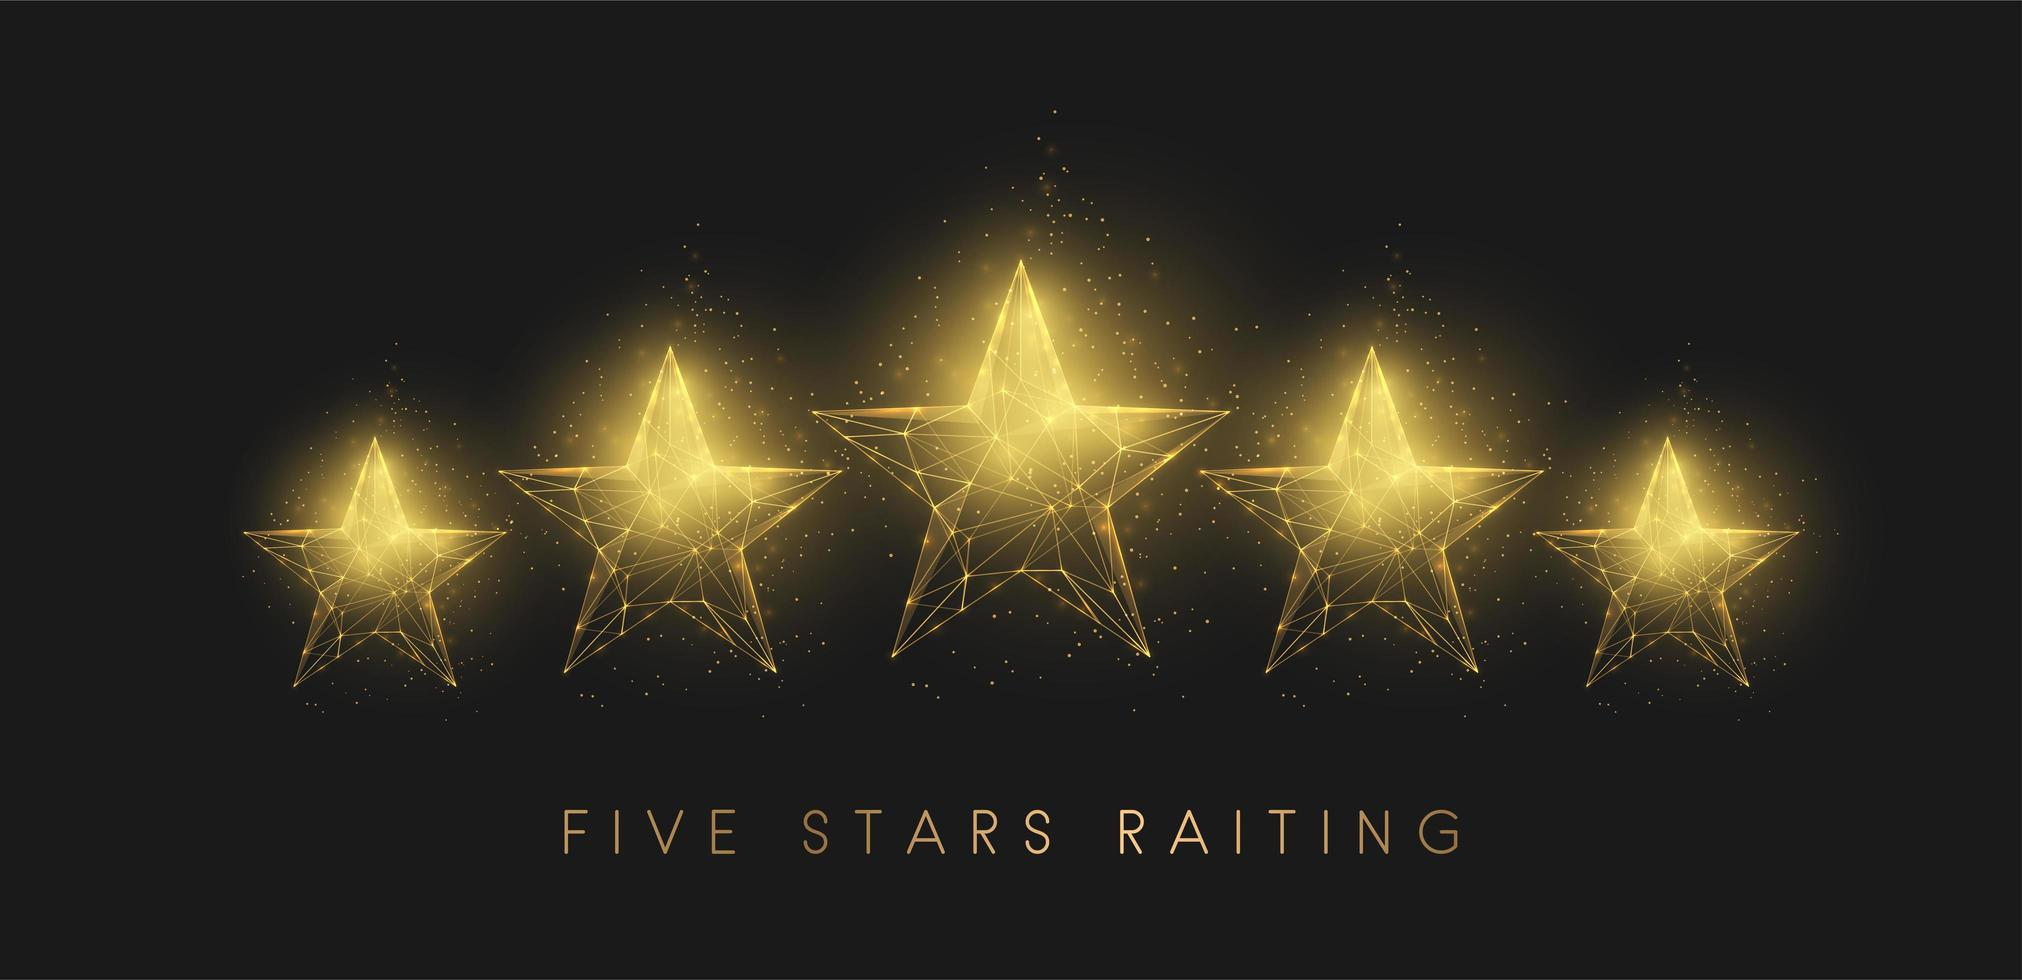 5 sterren raiting. abstracte gouden sterren. laag poly-stijl ontwerp vector